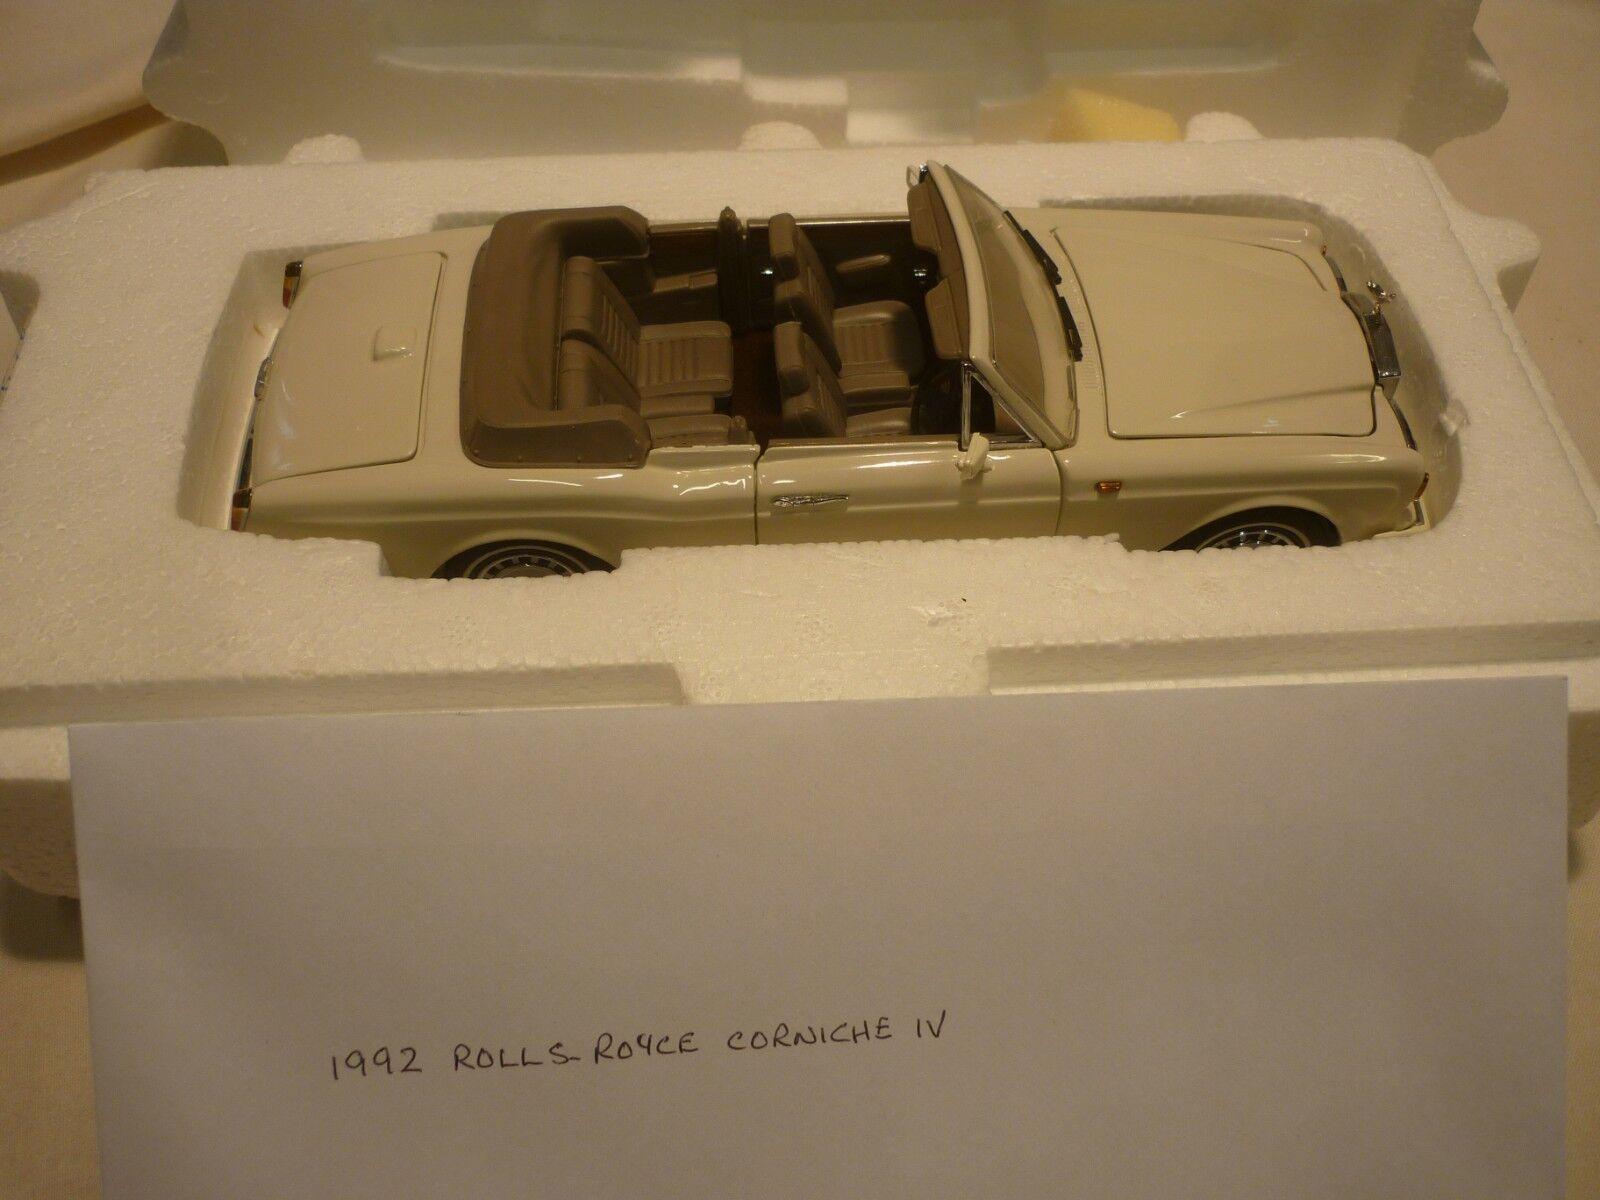 Un Franklin Comme neuf scale model of  a 1992 ROLLS ROYCE Corniche IV. Boxed, papiers  qualité fantastique